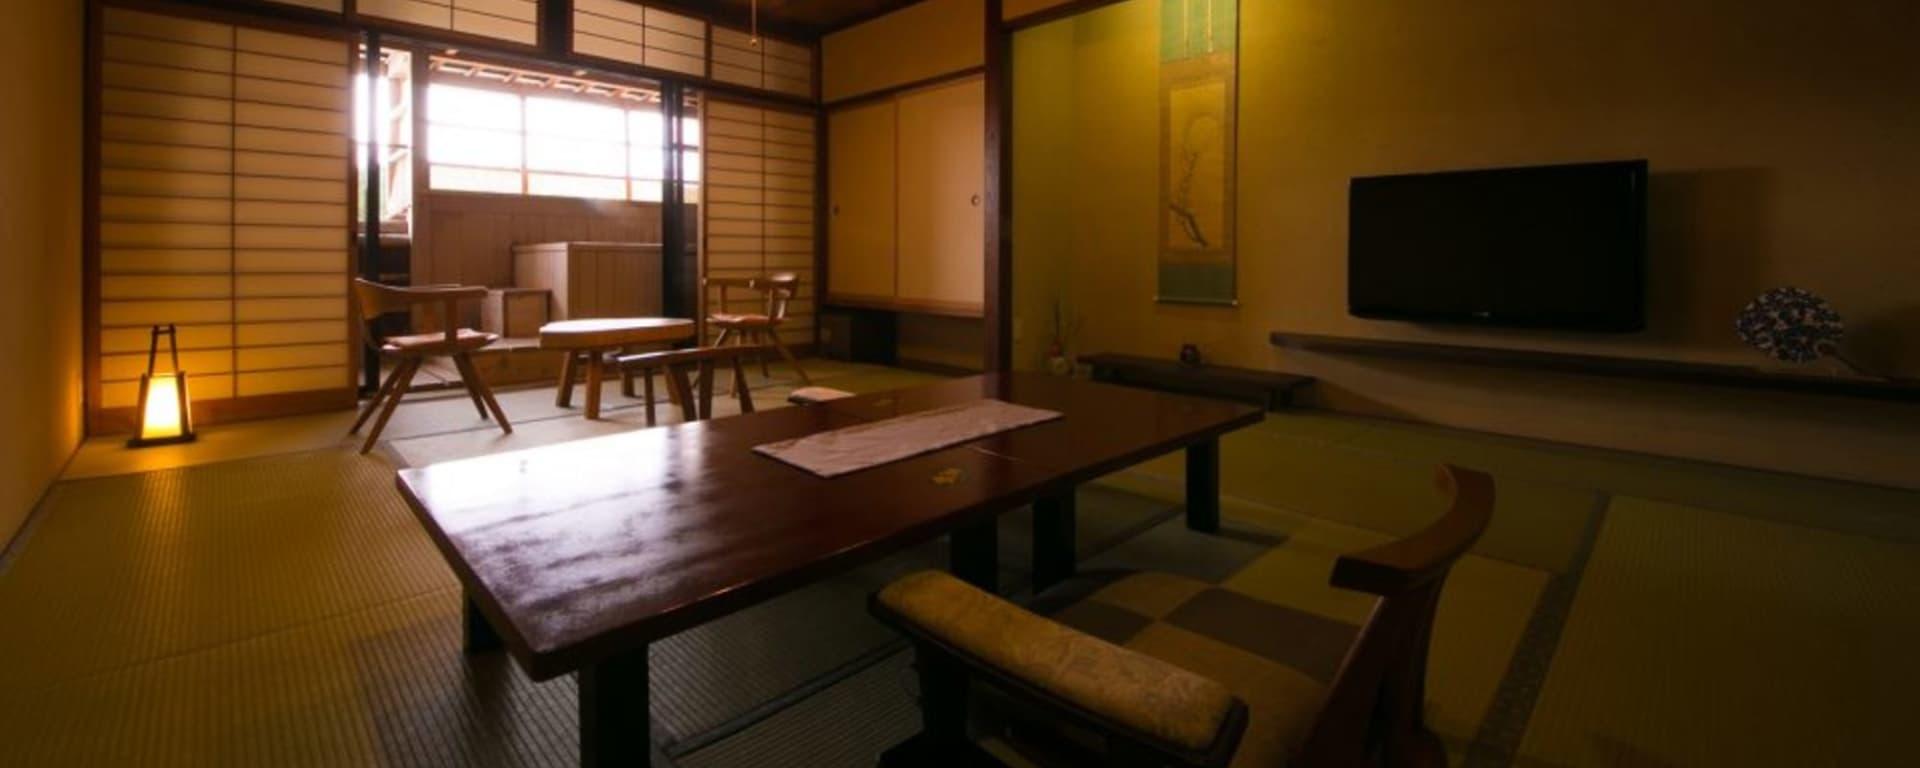 Hidatei Hanagoui Ryokan in Takayama: